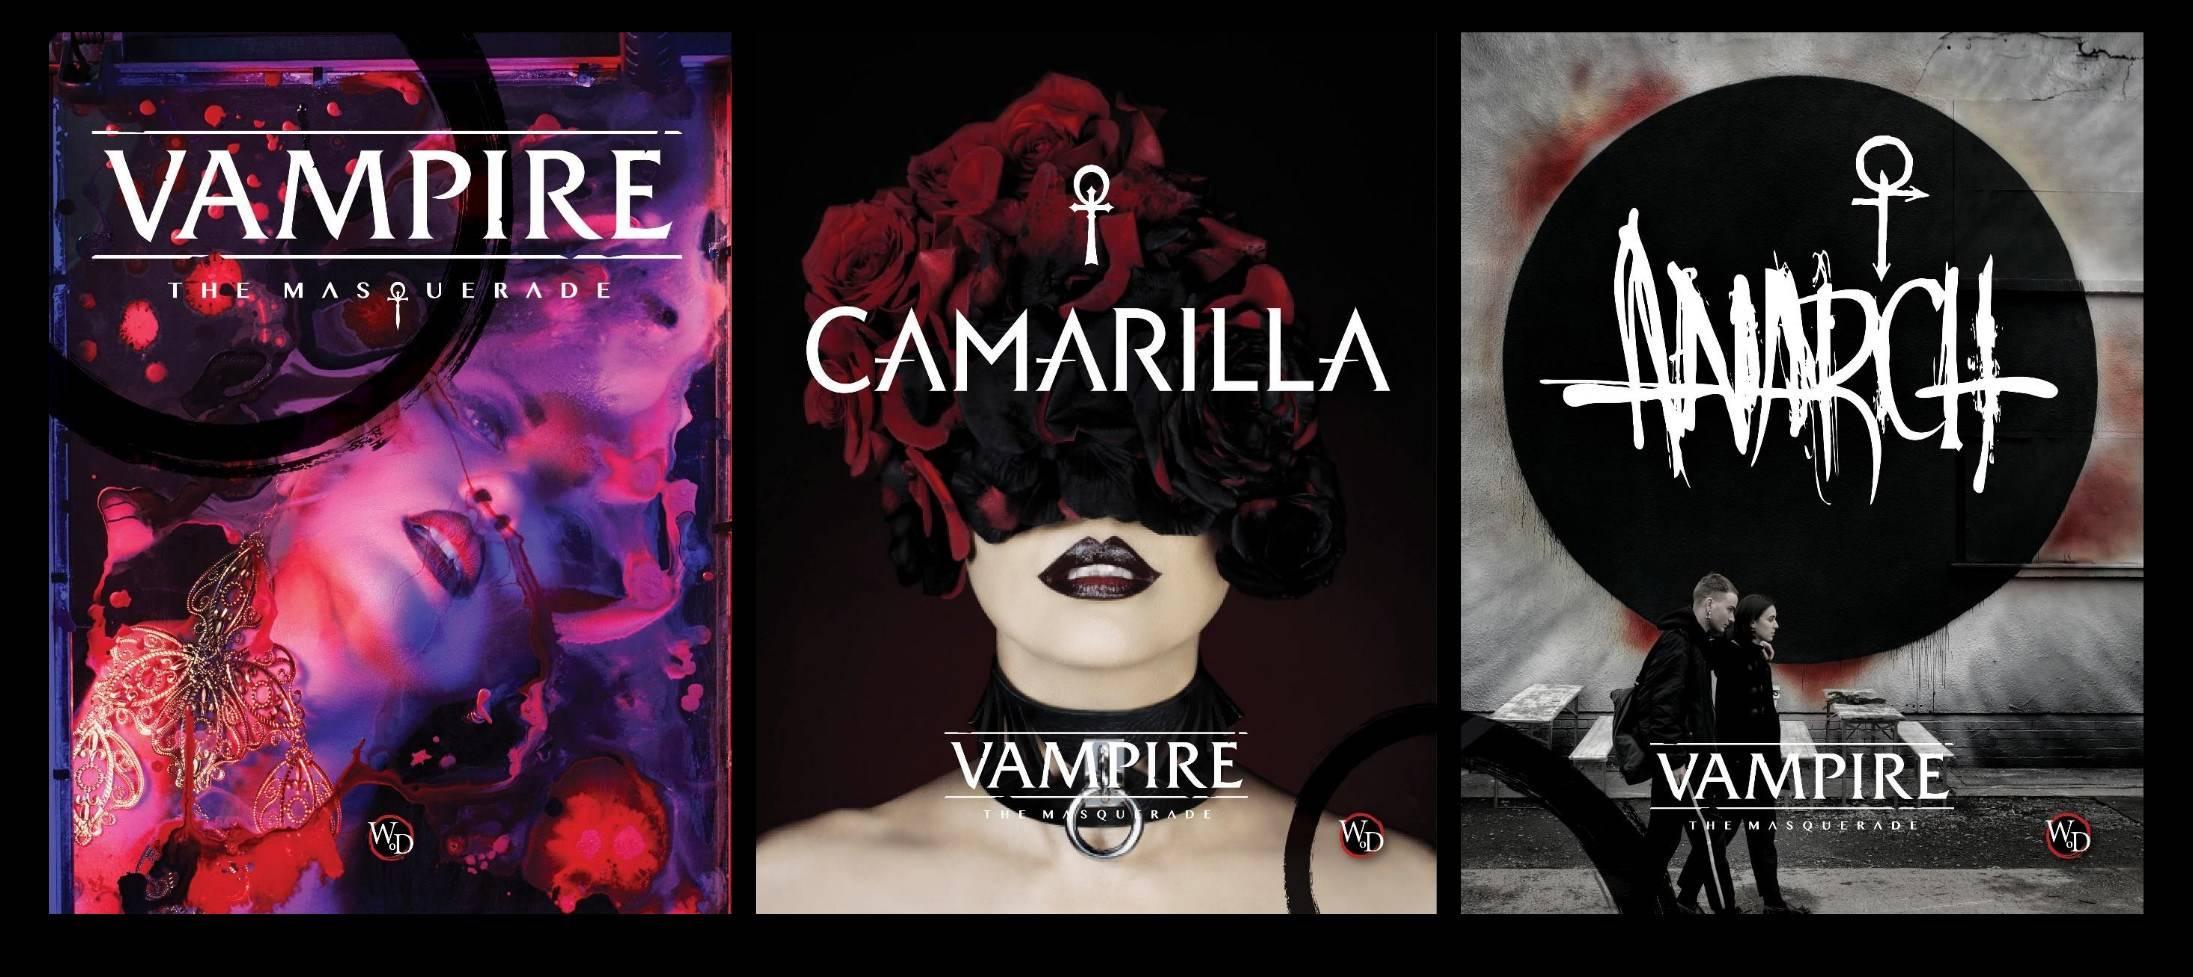 Как разгорались скандалы вокруг новой редакции Vampire: The Masquerade и при чём тут Рамзан Кадыров 6